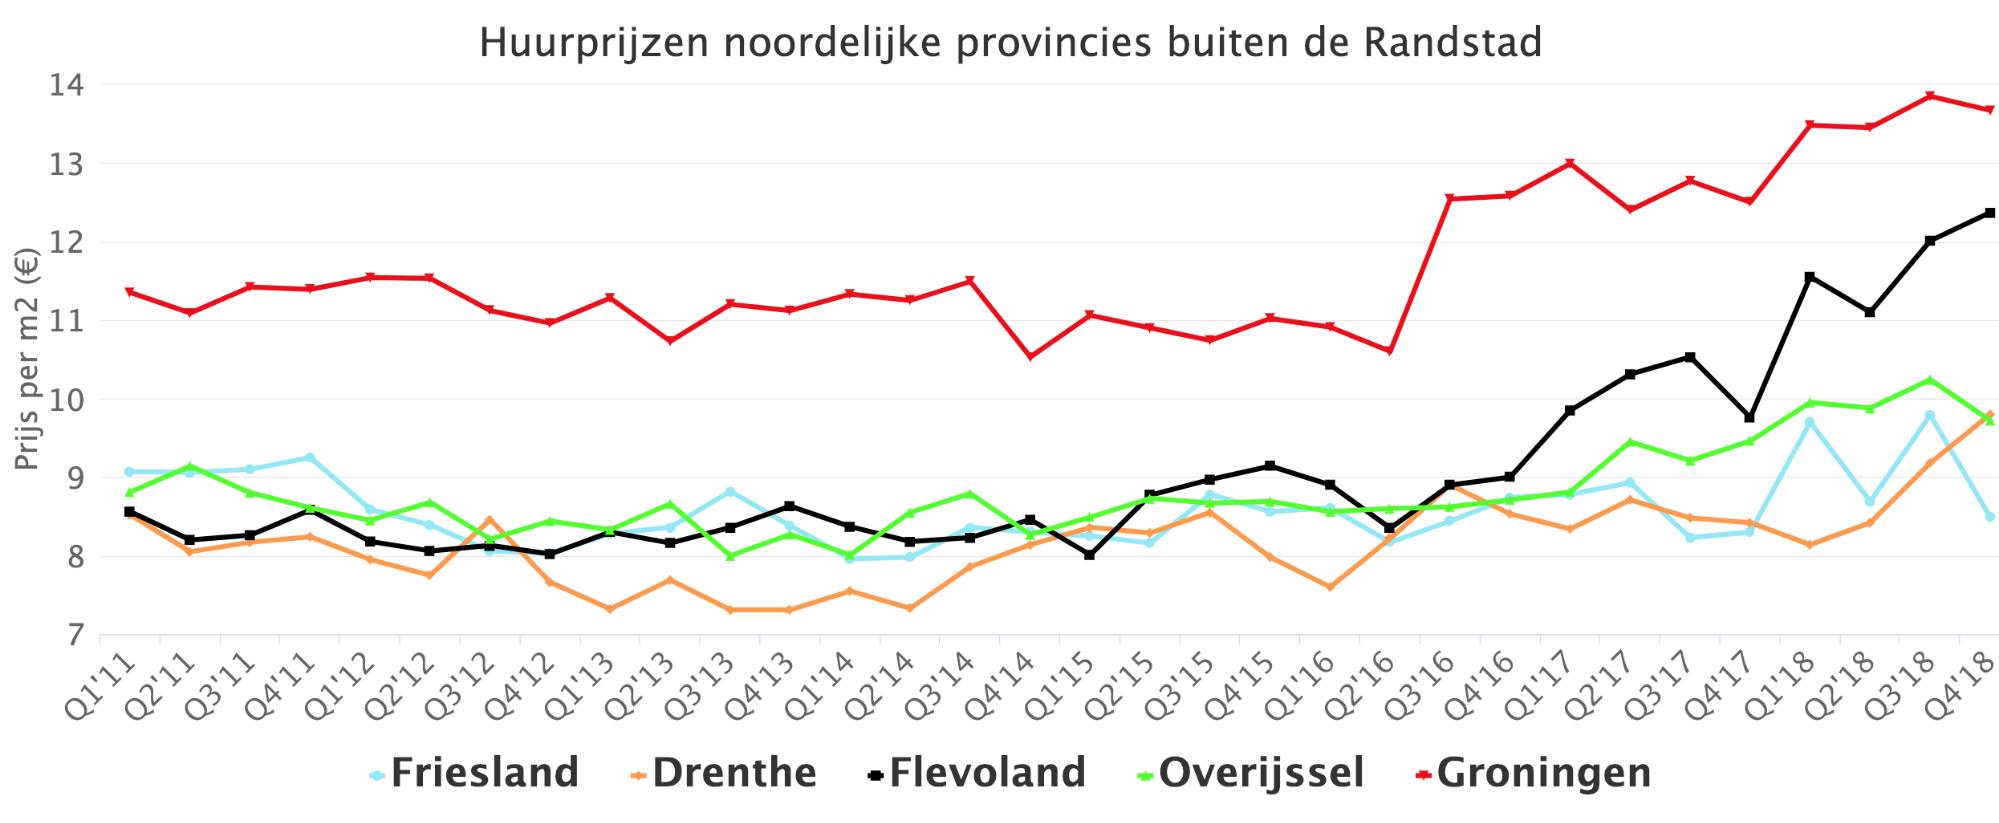 Huurprijzen noordelijke provincies buiten de Randstad